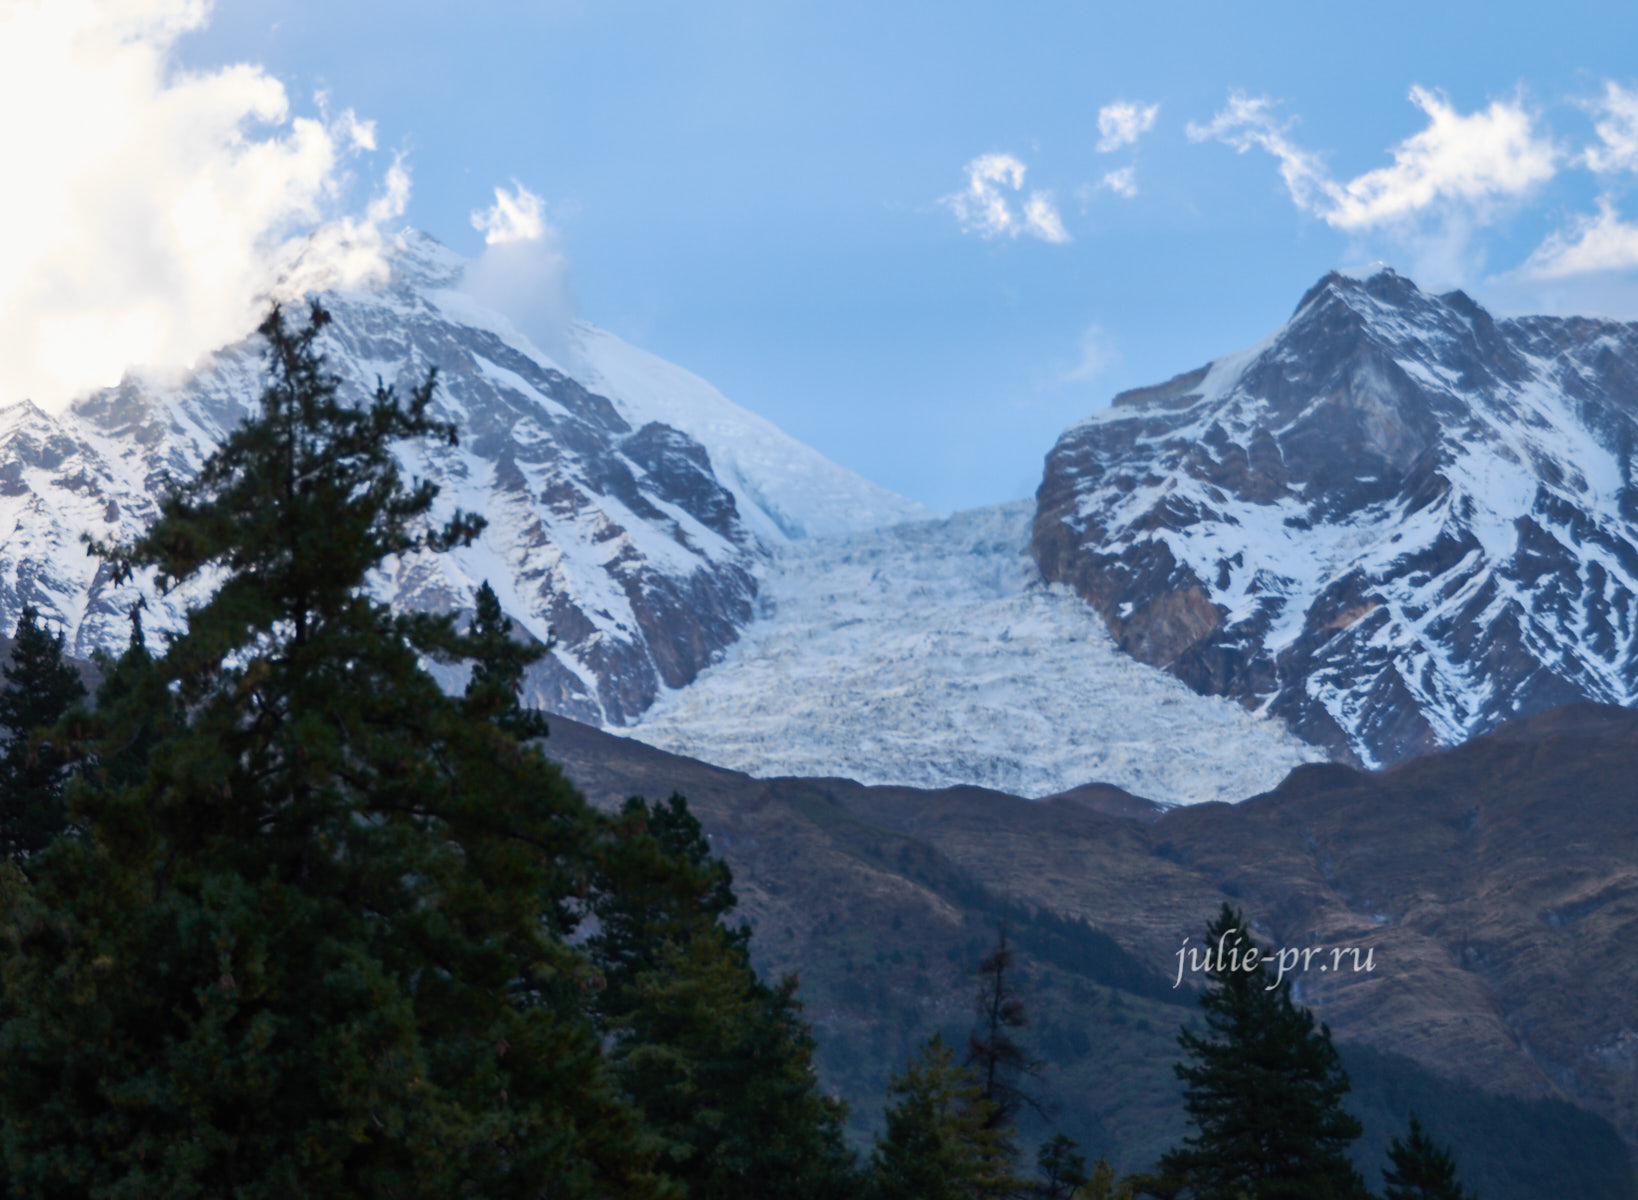 Непал, Трек вокруг Аннапурны, Ледопад Дхаулагири